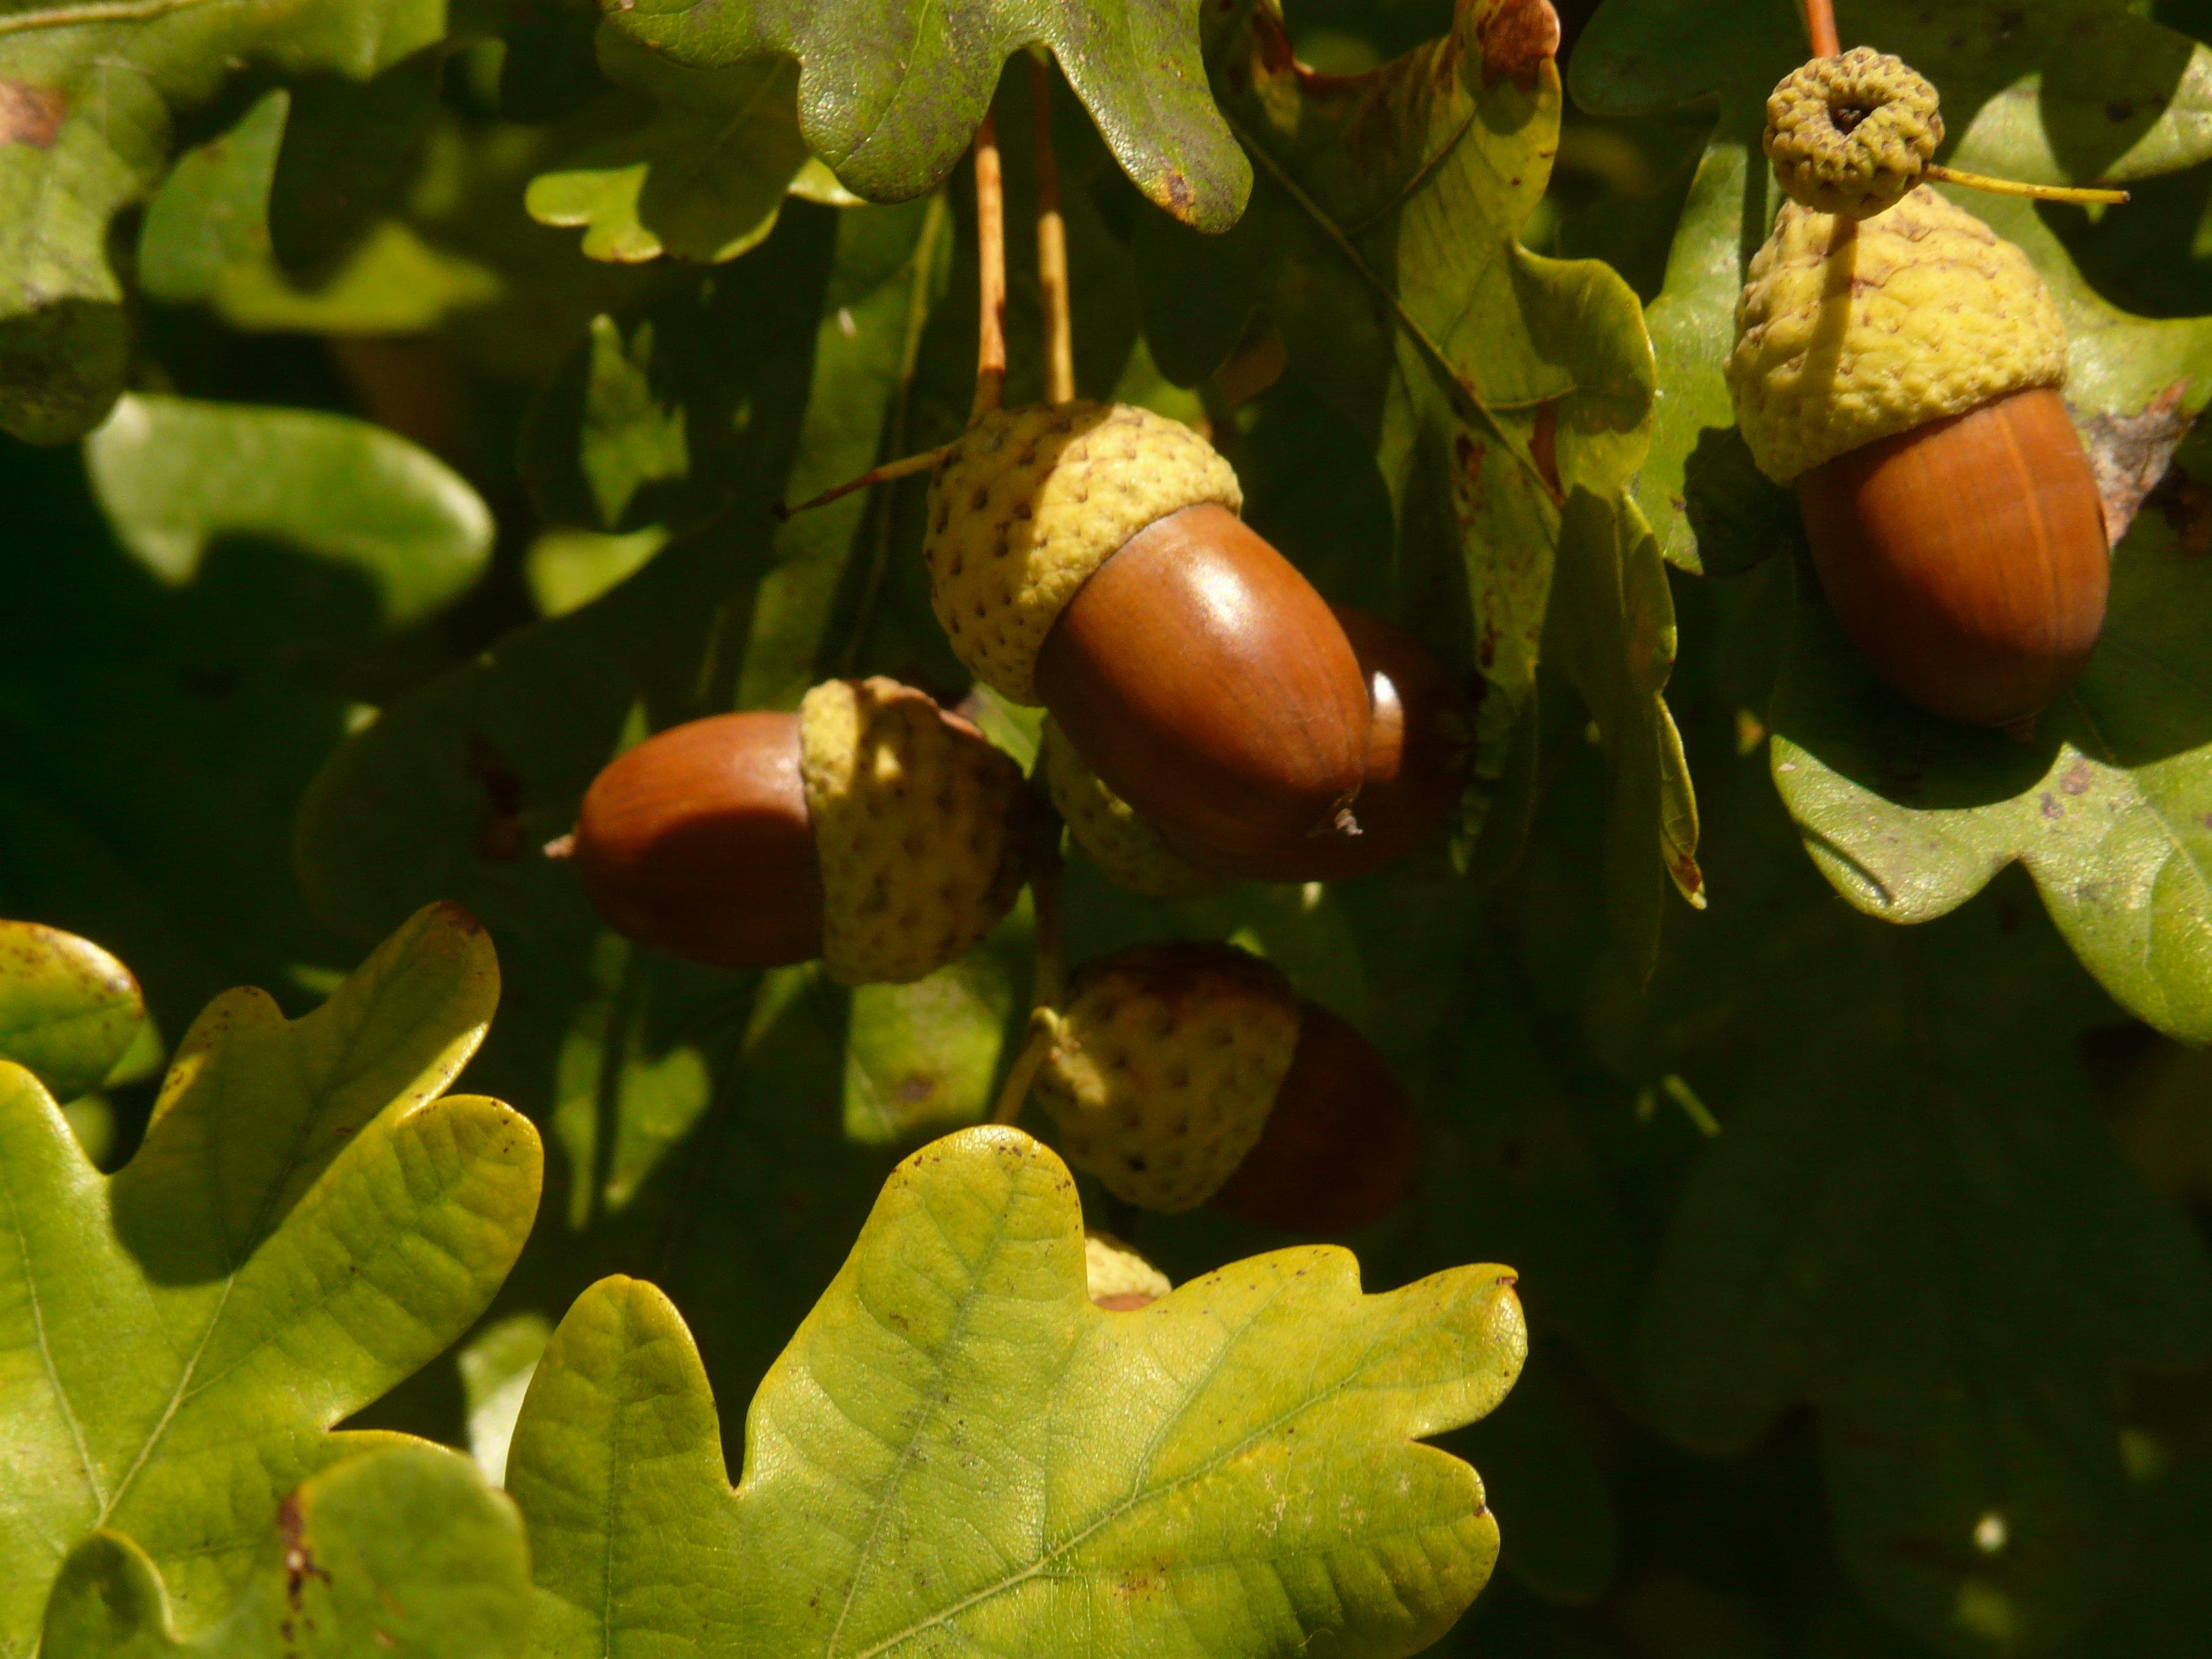 hình ảnh : thiên nhiên, chi nhánh, thực vật, trái cây, Ánh sáng mặt trời,  món ăn, màu xanh lá, Sản xuất, Mùa thu, Thực vật học, Hệ thực vật, Acorn,  ...